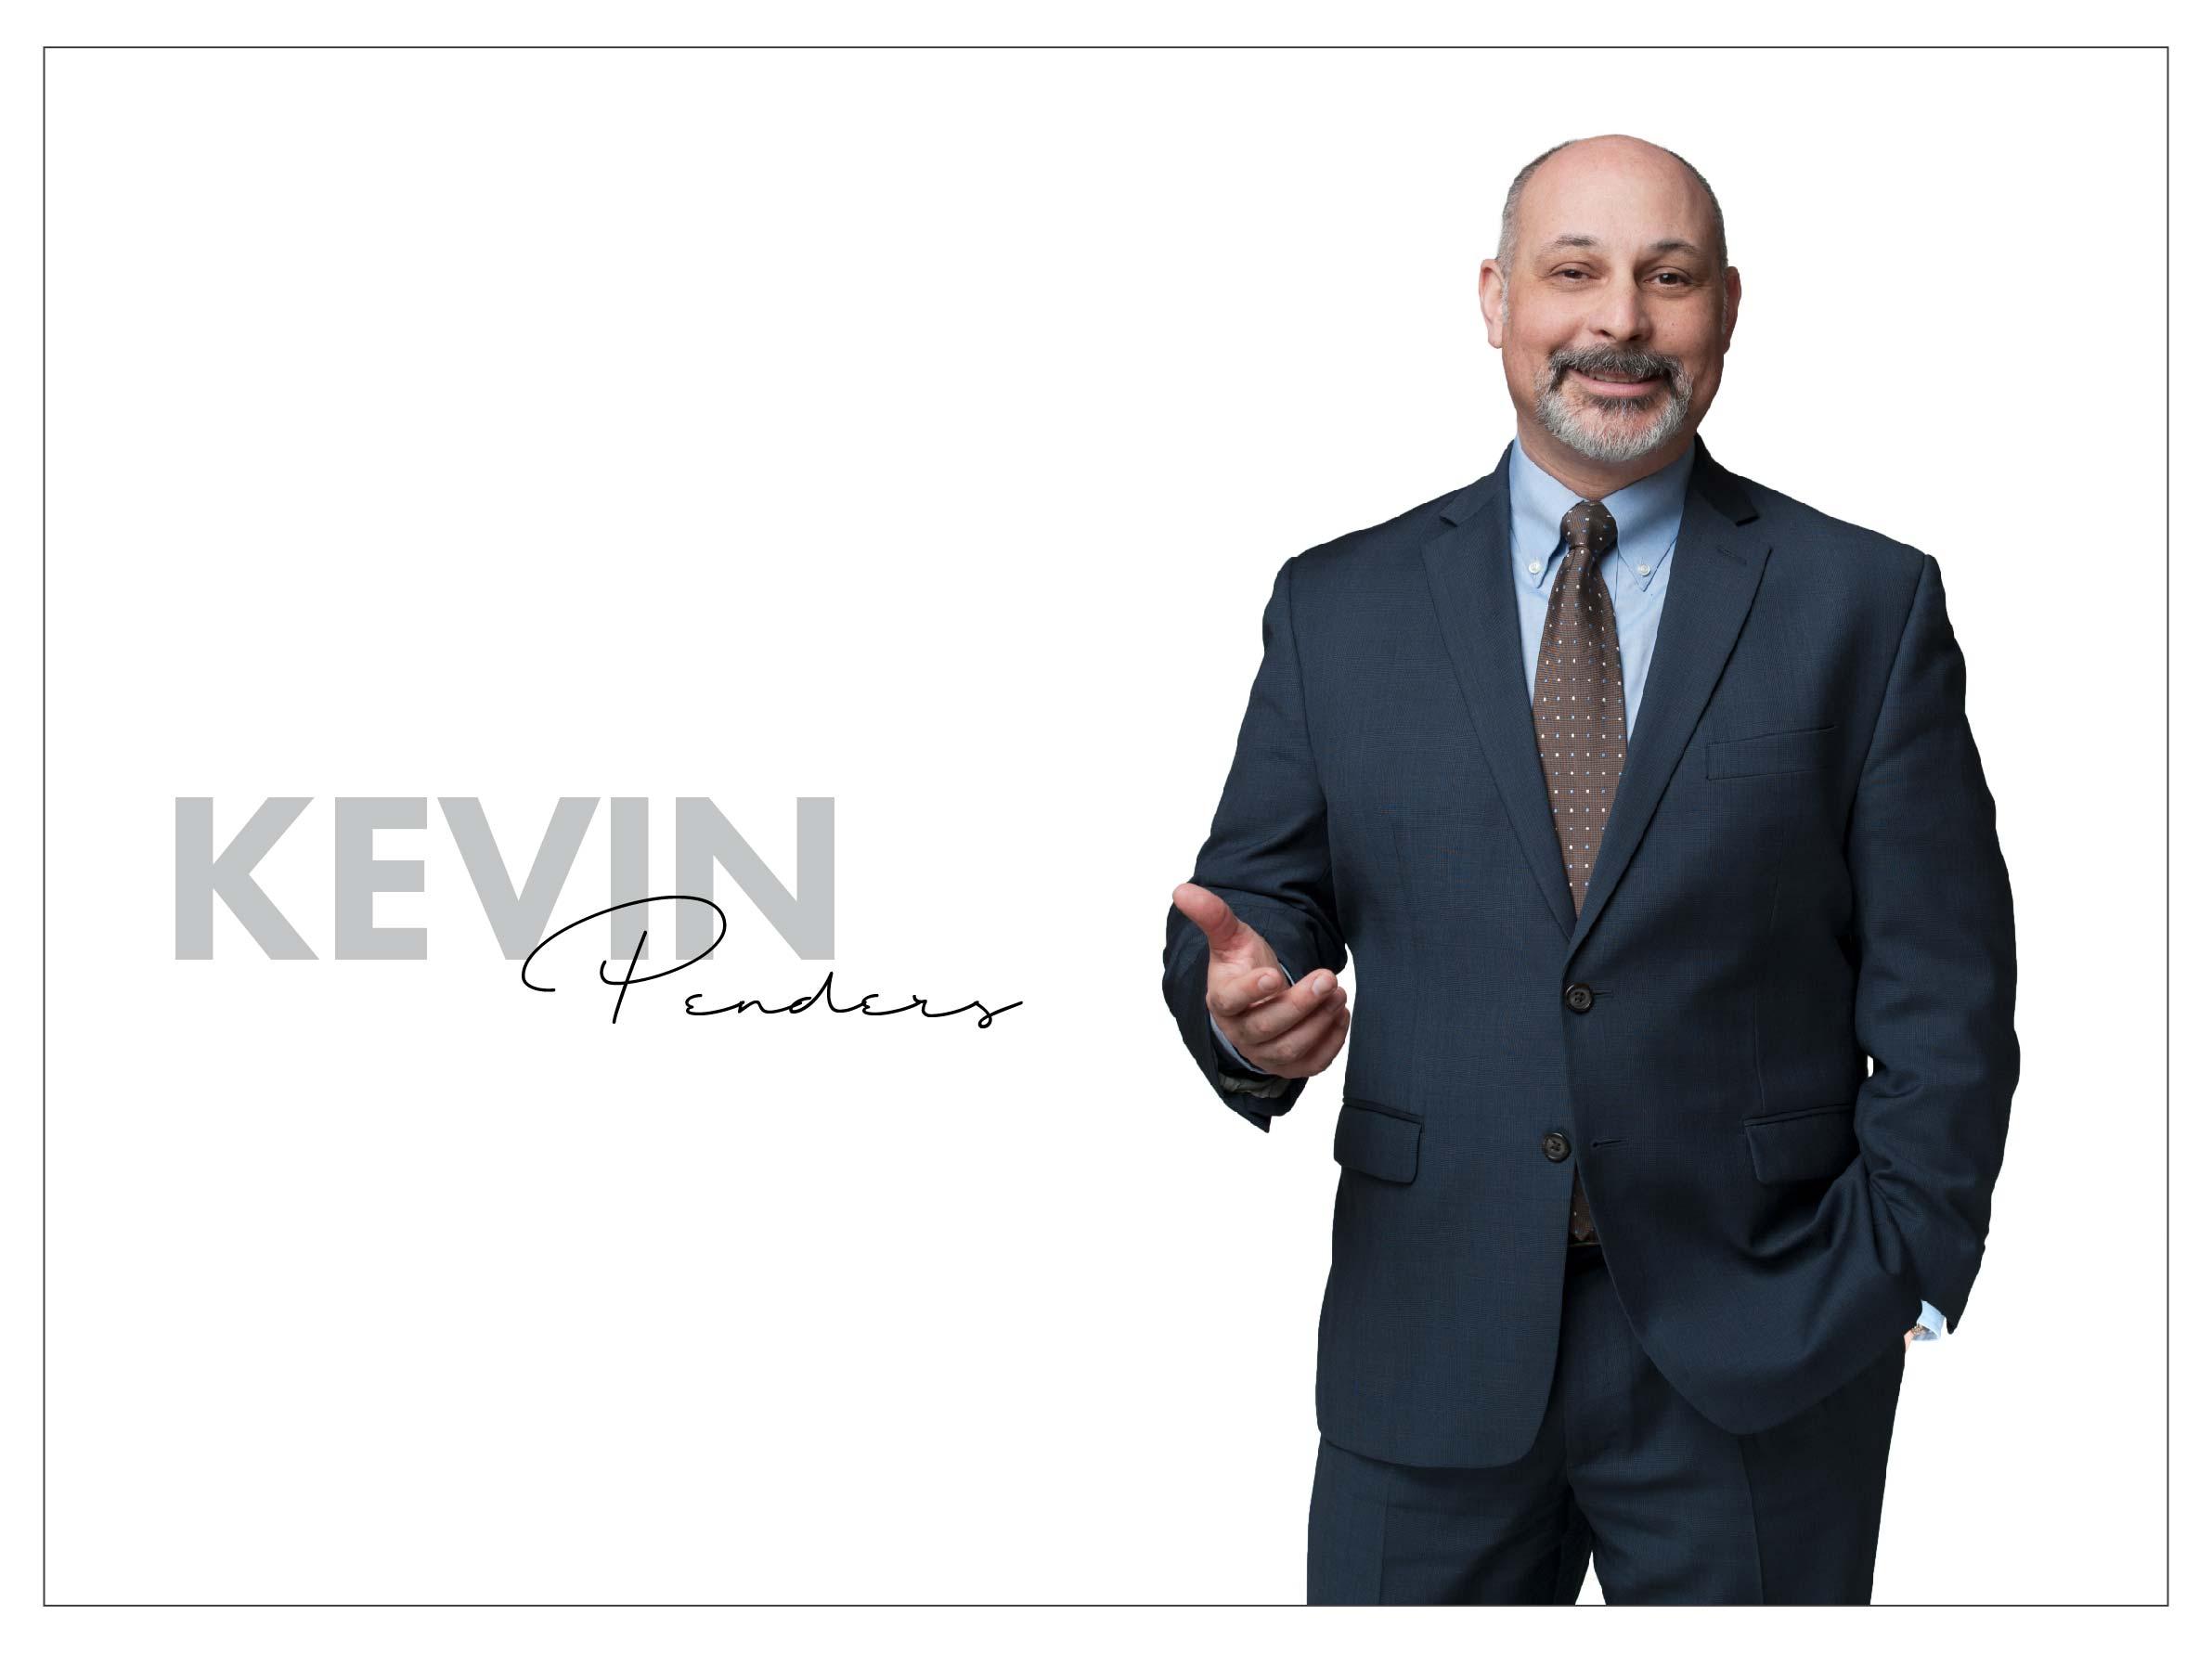 Kevin Penders Headshot